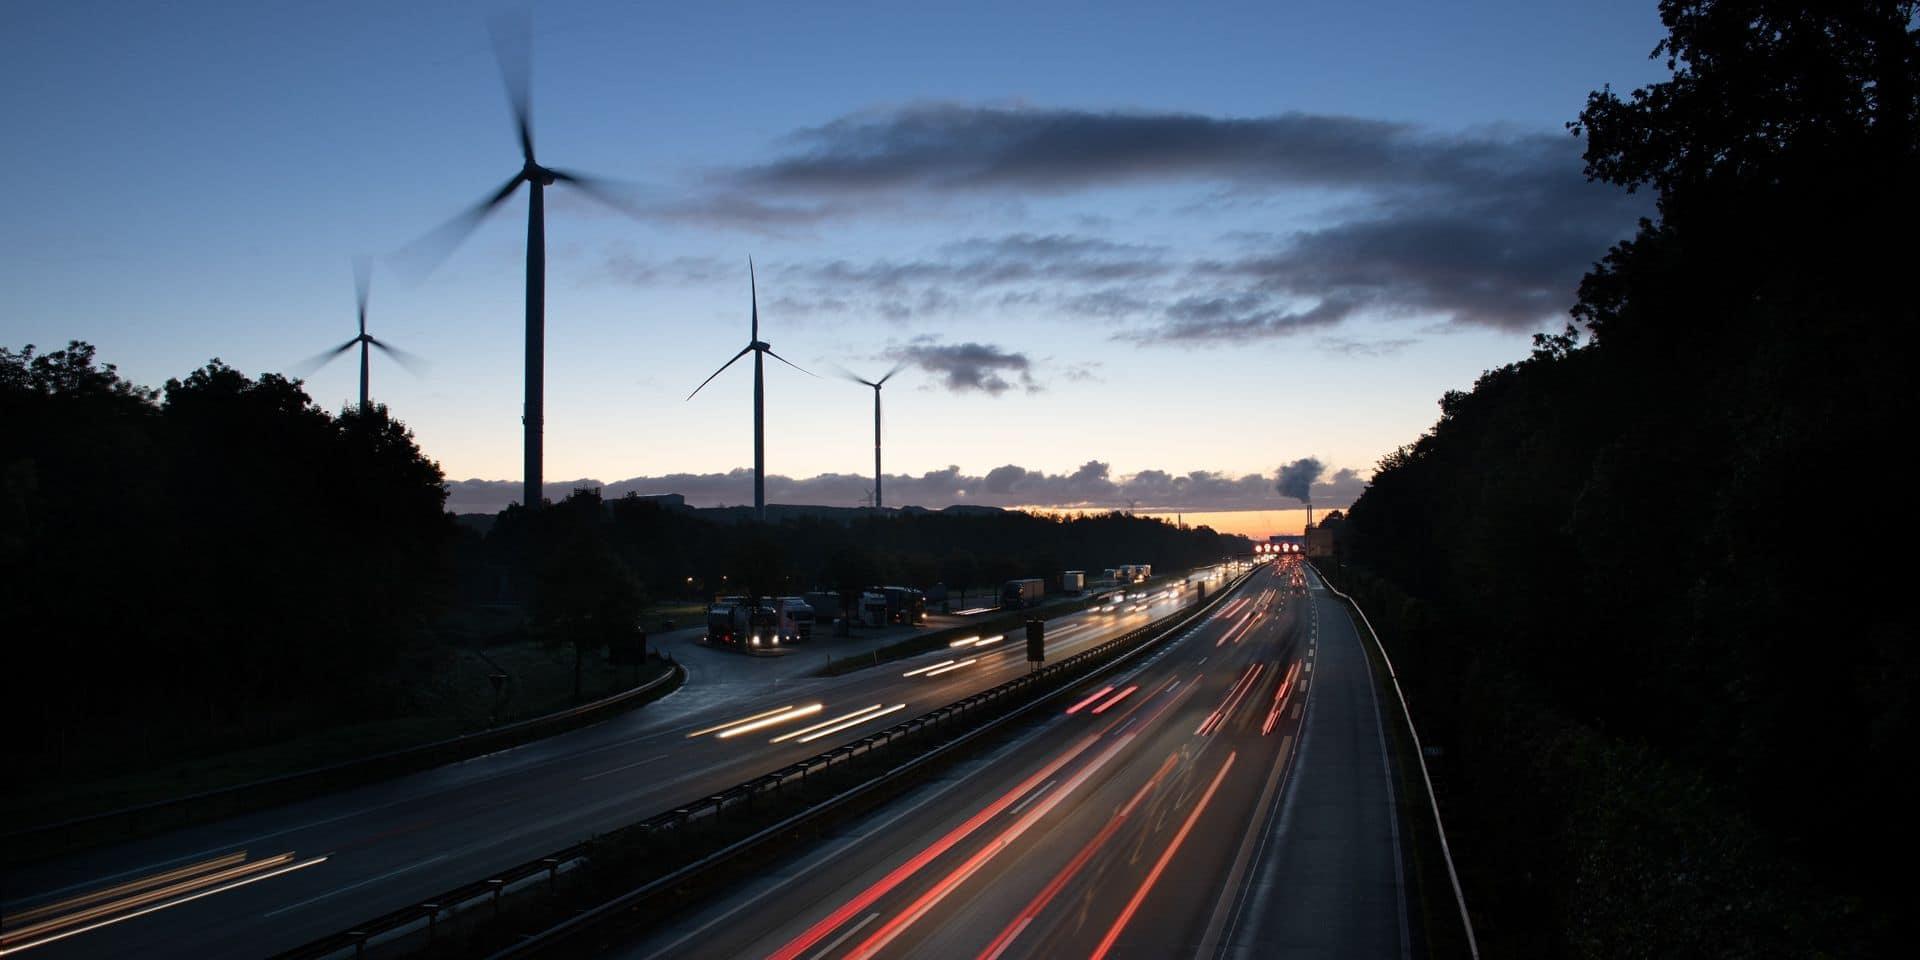 L'Allemagne a atteint l'objectif climatique 2020 grâce à la pandémie, selon des experts